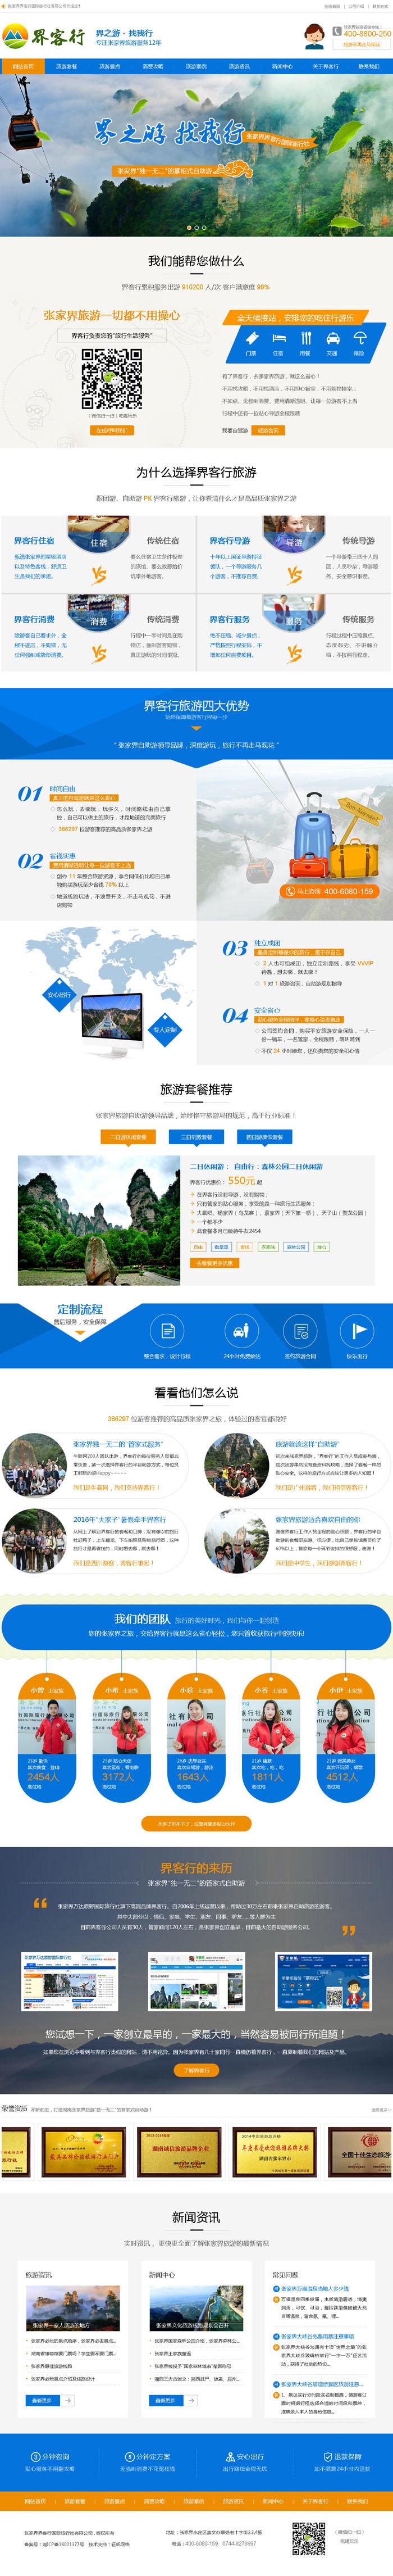 张家界界客行国际旅行社欧宝体育官网下载地址效果图